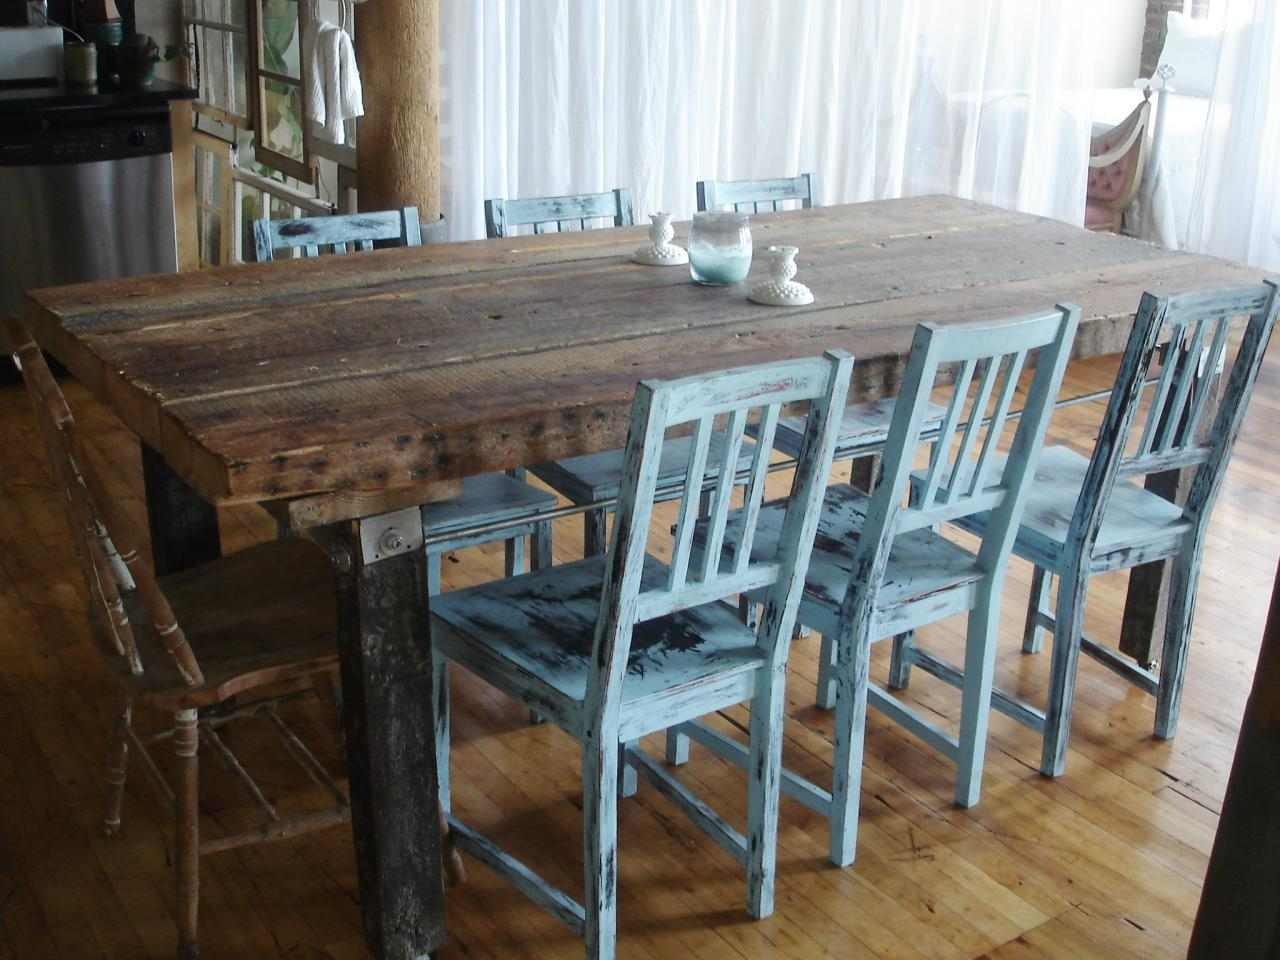 mesas madera acento rustico comedor sillas azules deas